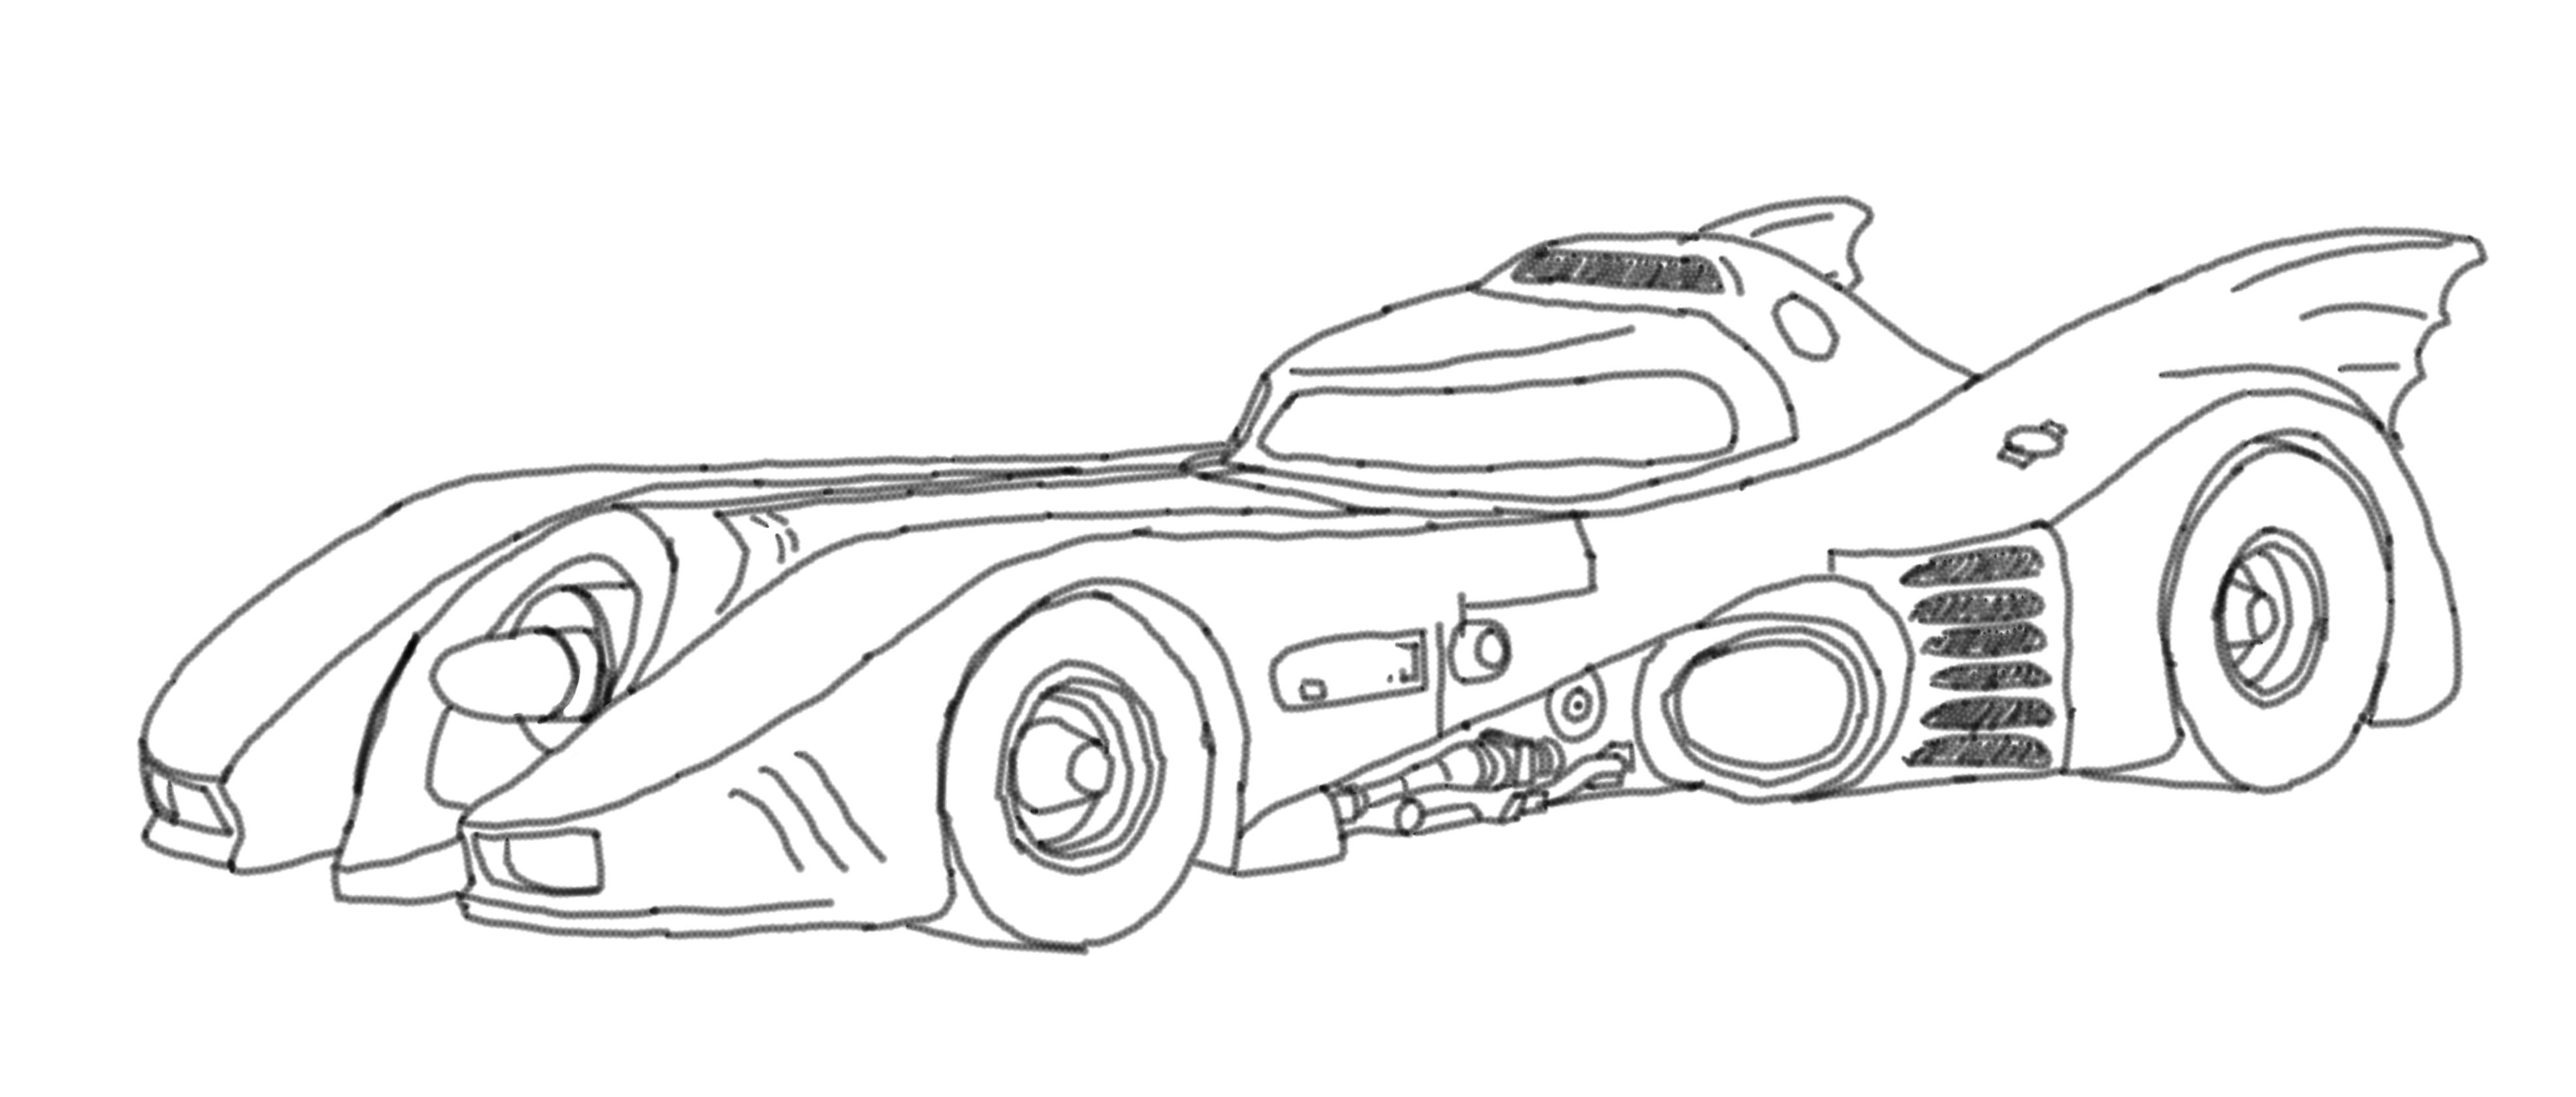 Batmobile (Line Art) by Music-S-Brush on DeviantArt